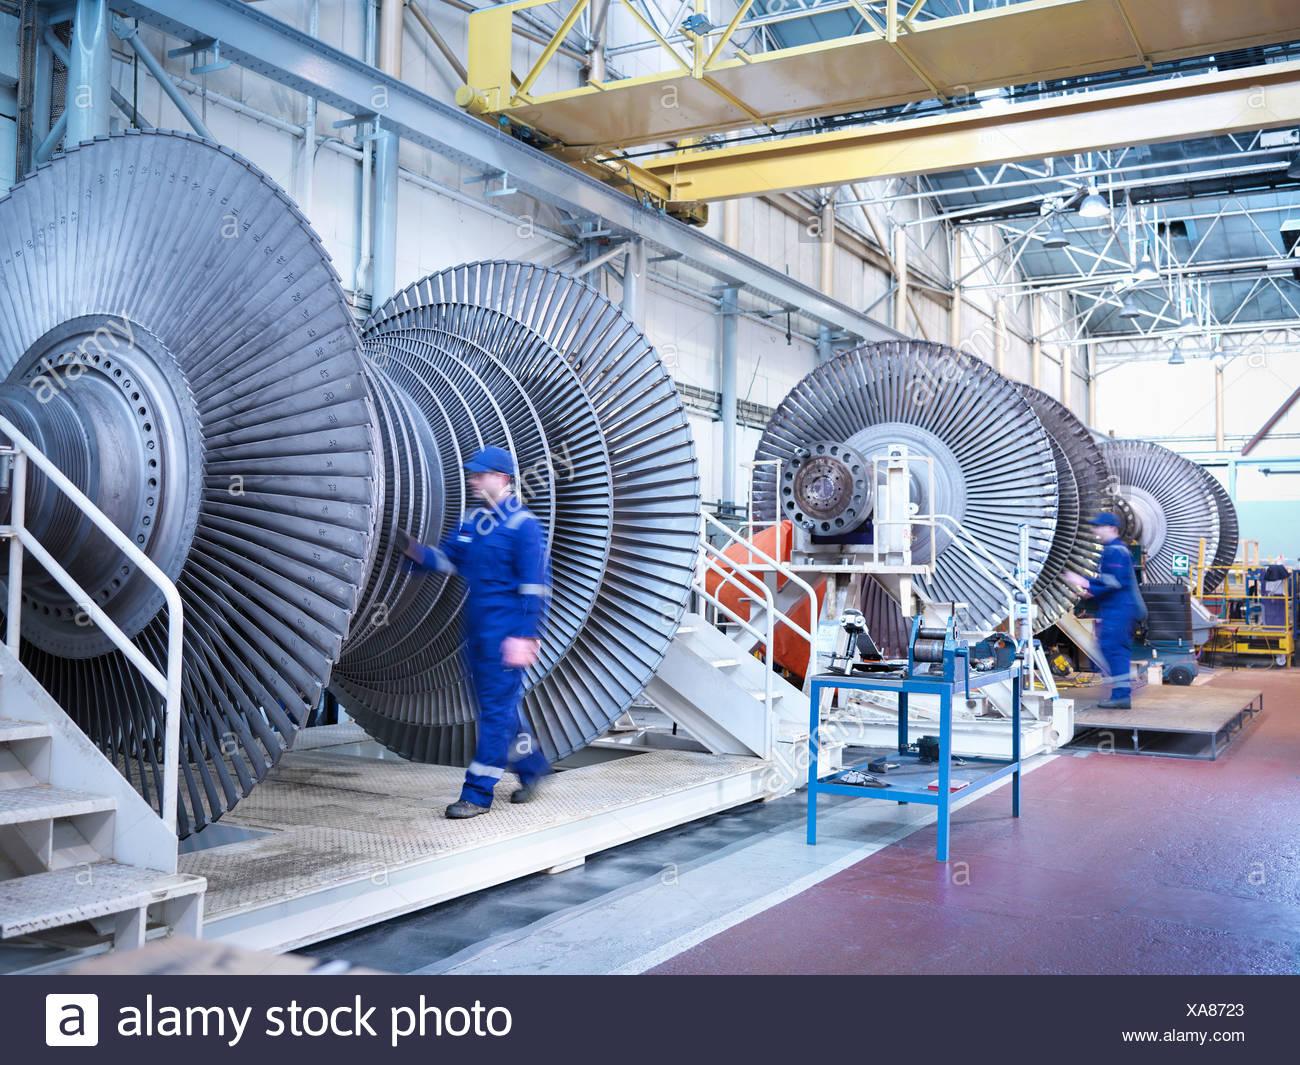 Ingenieros con turbinas de vapor de baja presión en las bahías de reparación en taller Imagen De Stock